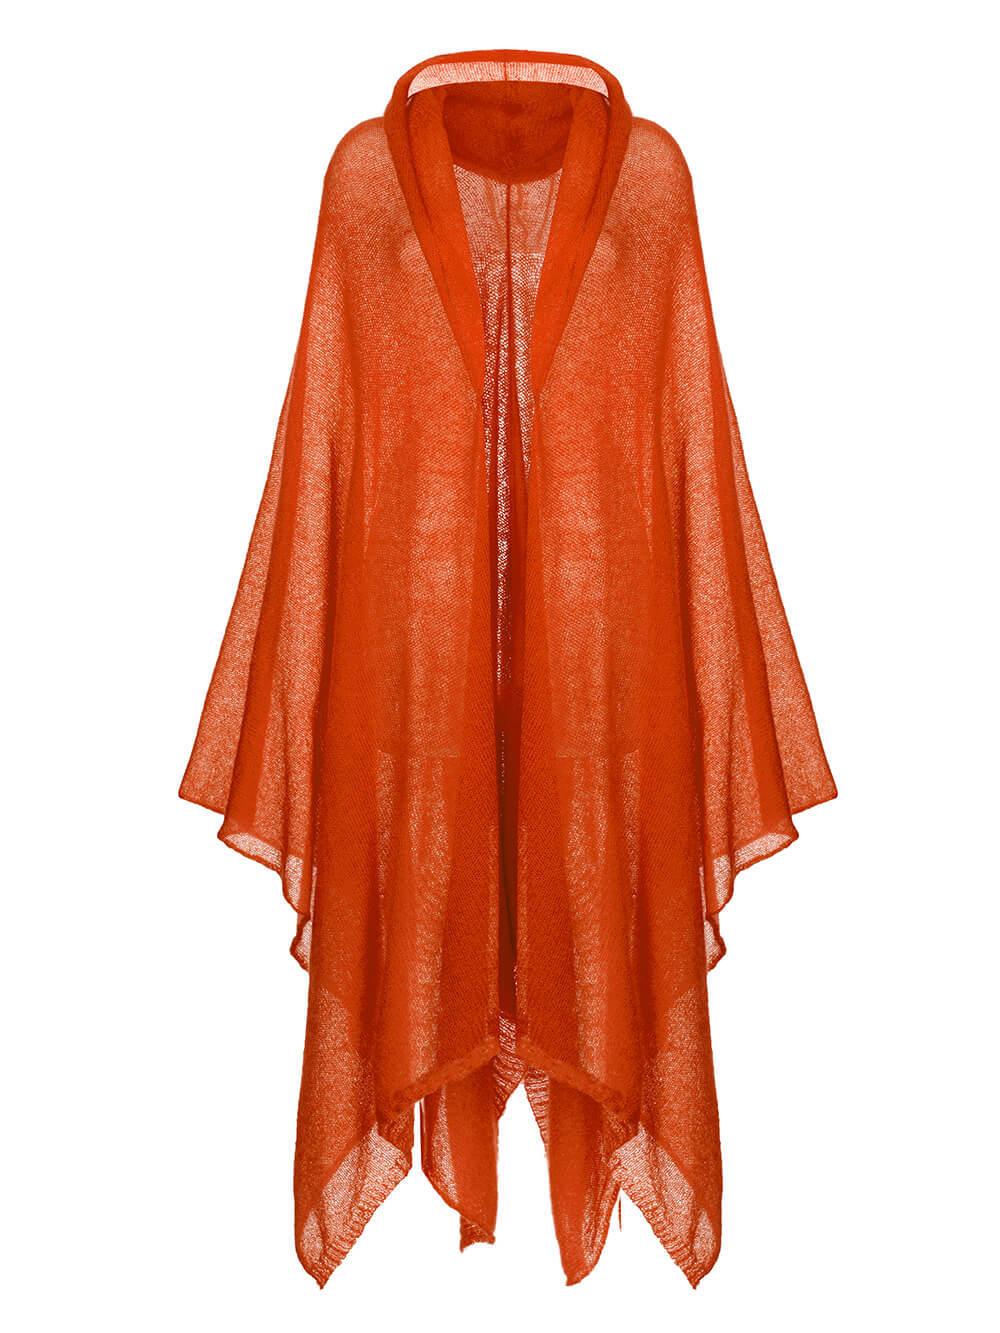 Женский шарф терракотового цвета из мохера и шерсти - фото 1